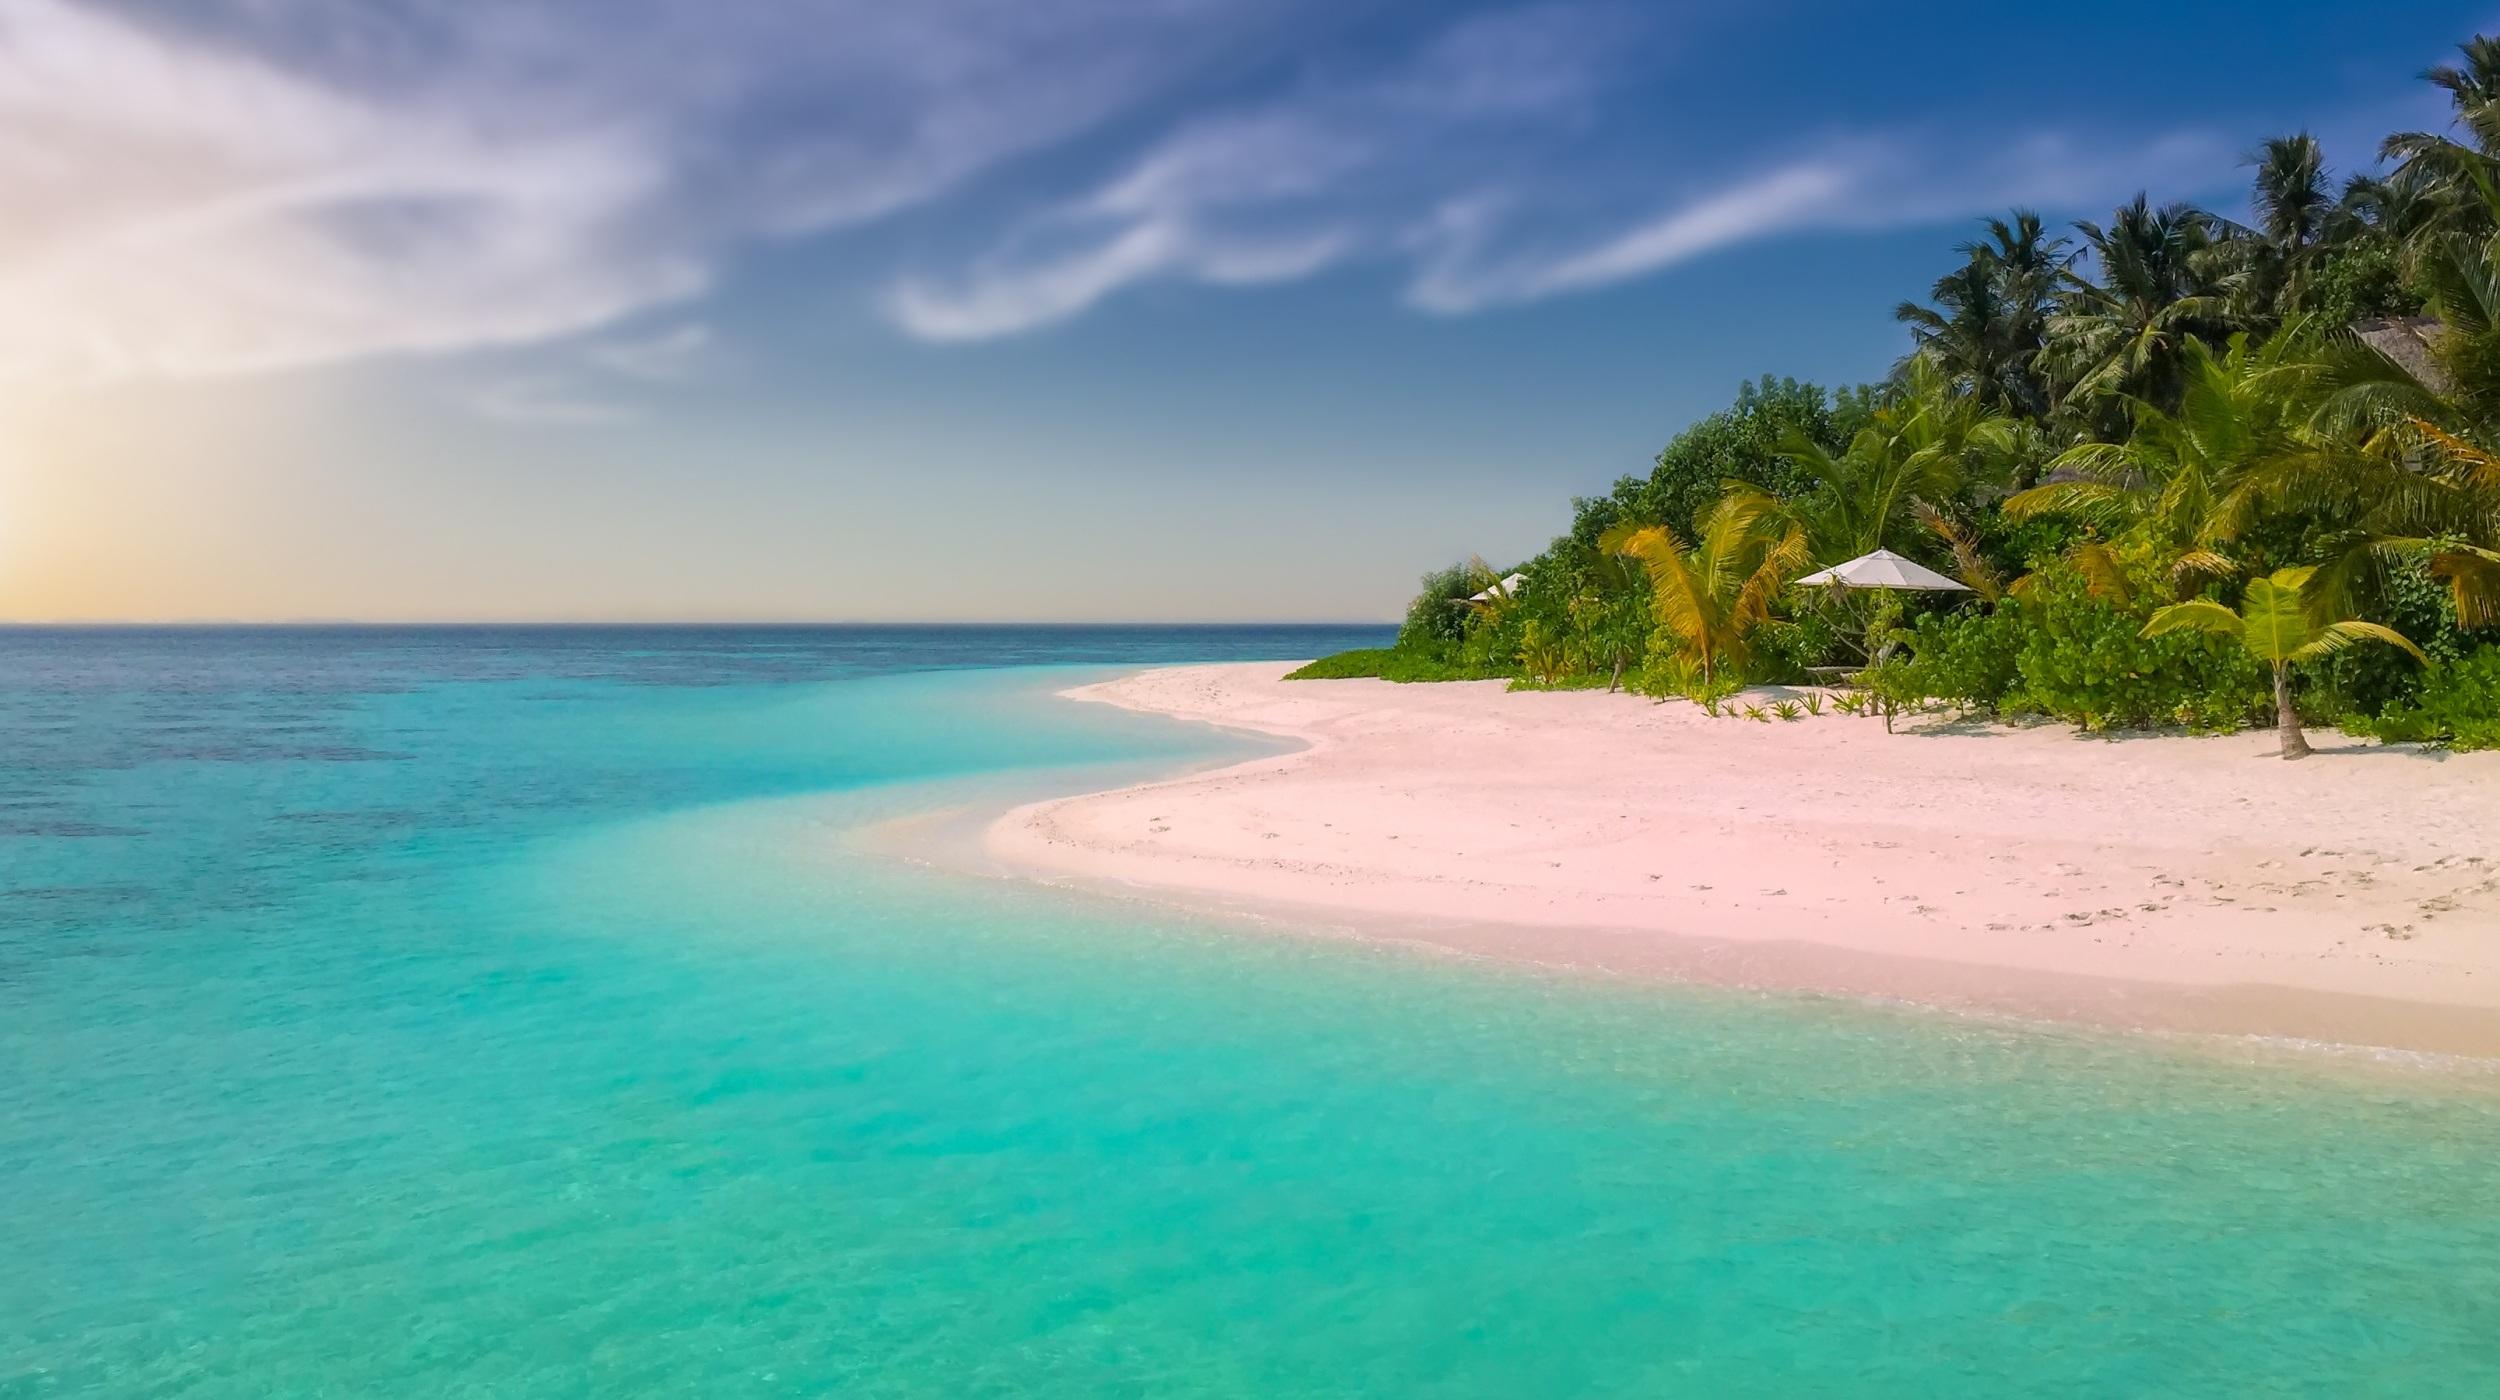 Free Stock Photo Of Beach, Coast, Coconut Trees